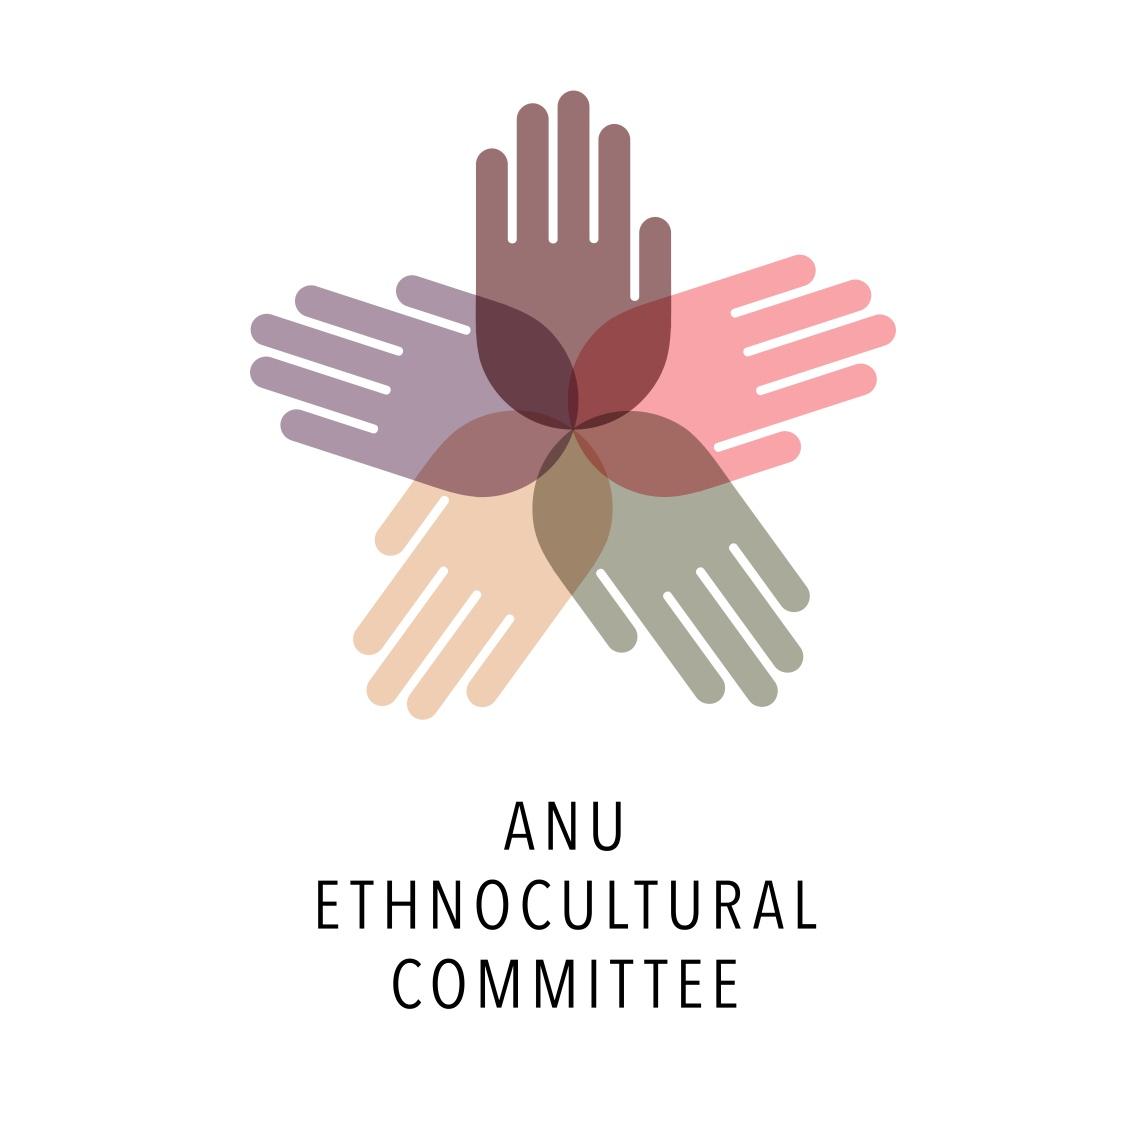 ethnoculturallogocolor-01